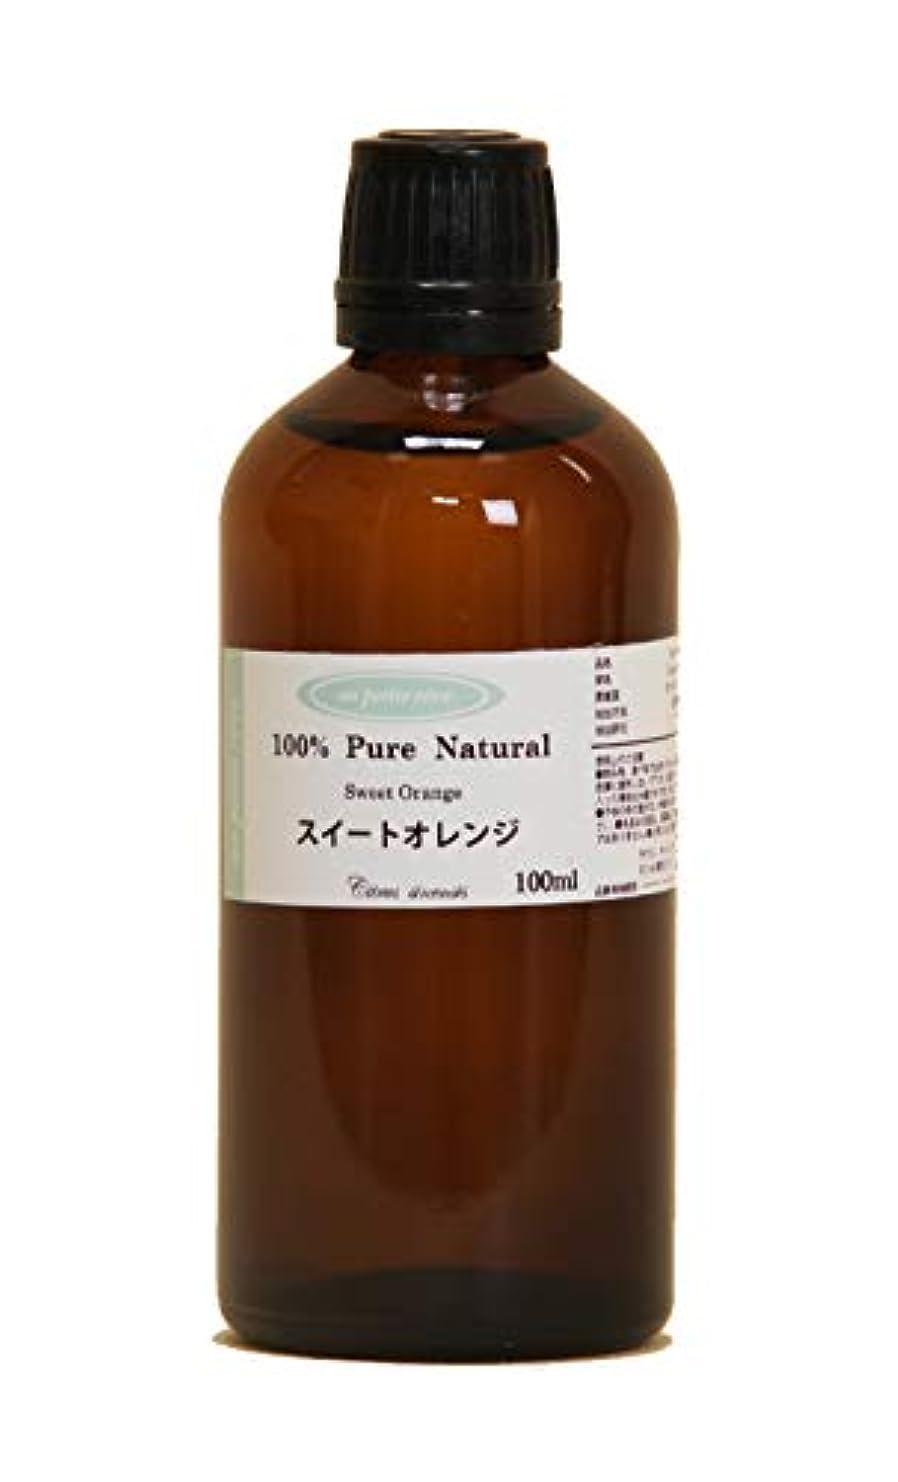 書き込み悪質な半円スイートオレンジ 100ml 100%天然アロマエッセンシャルオイル(精油)